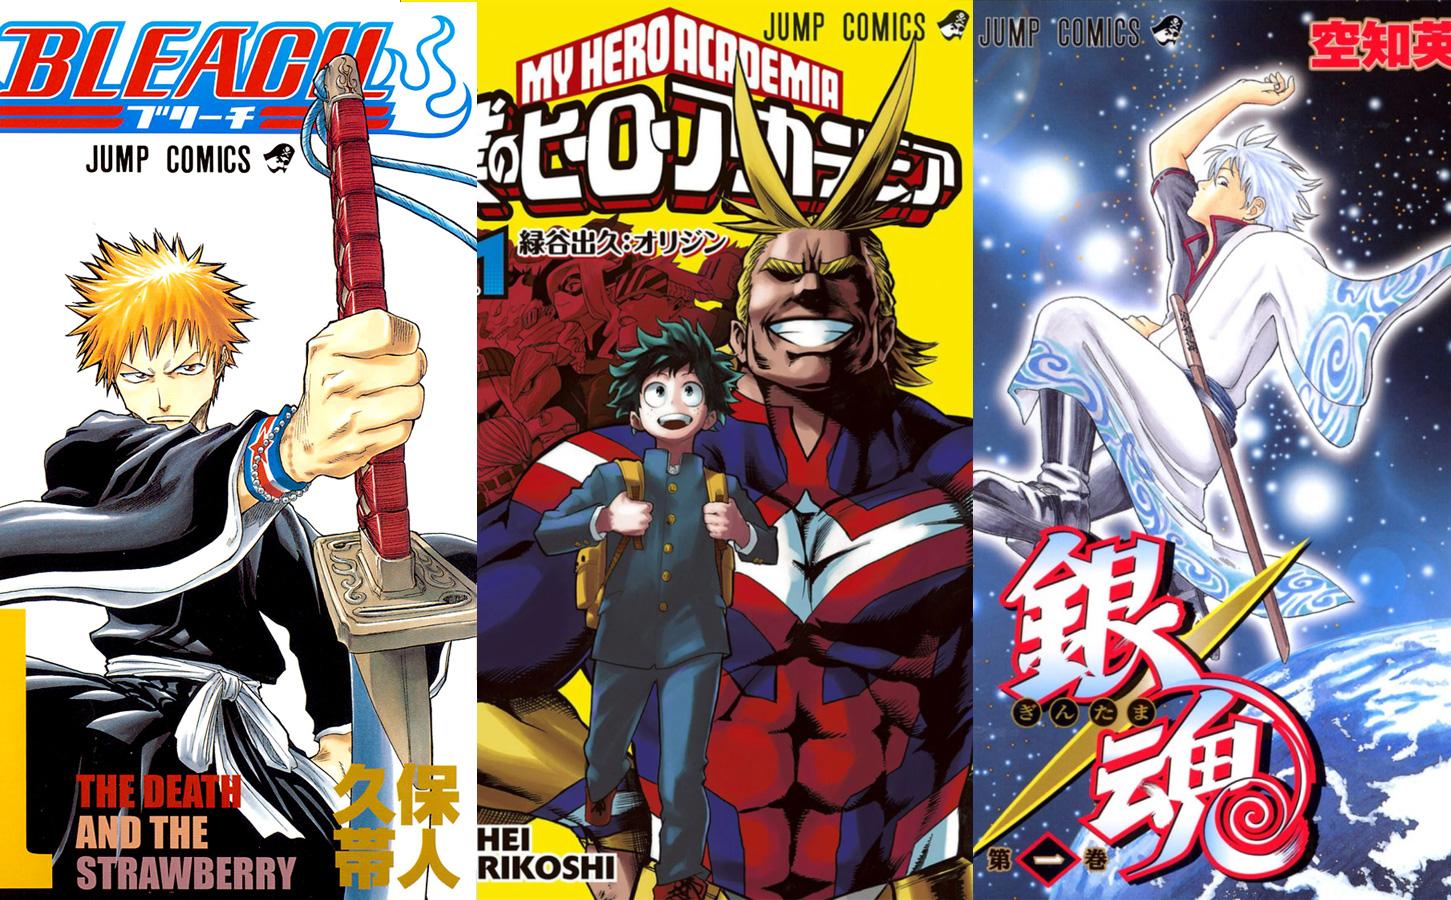 Neue Verkaufsrekorde der bekannten Shonen Jump Mangas Bleach, My Hero